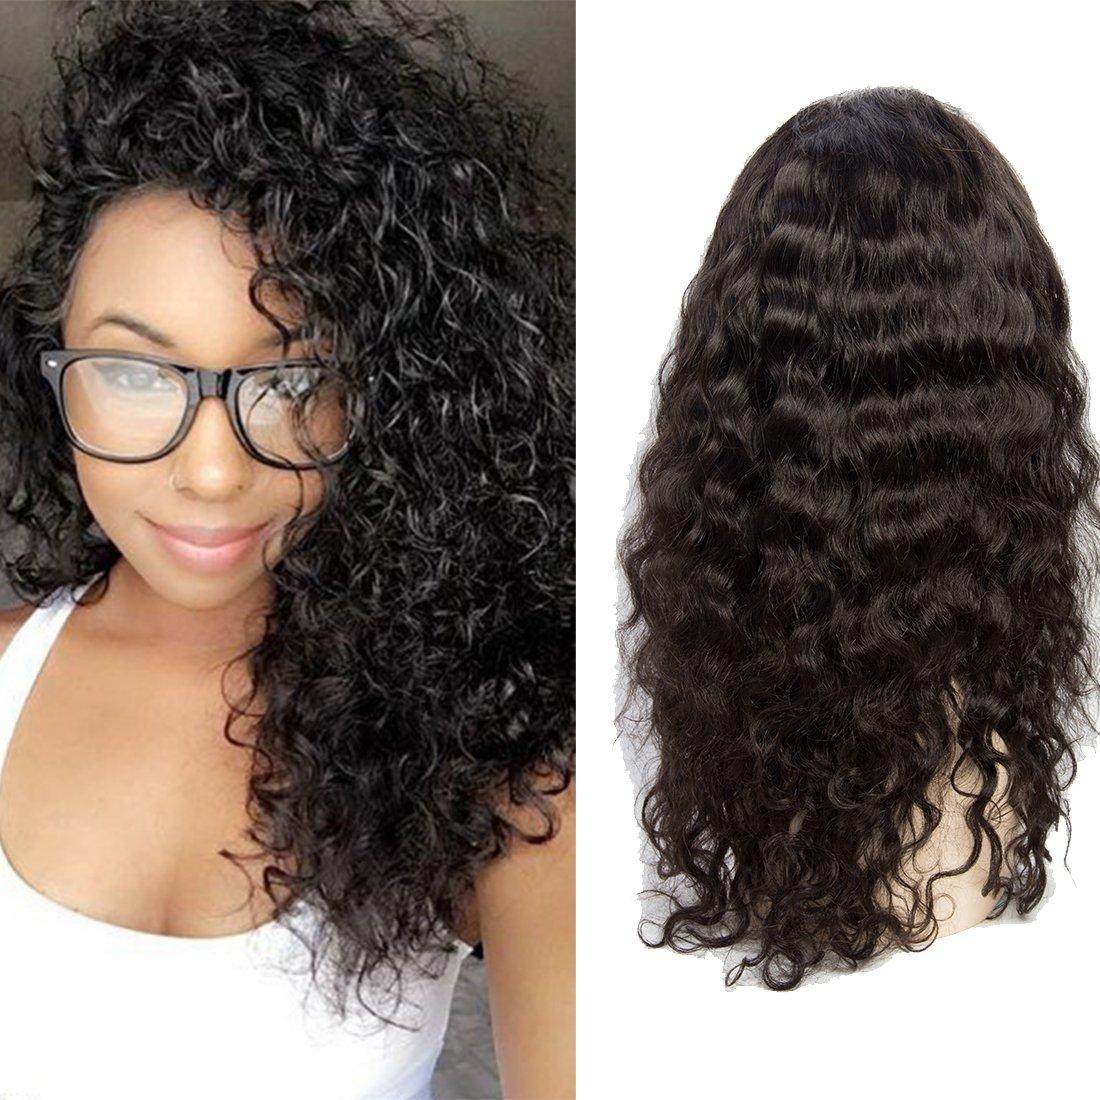 VIPbeauty Water wave Perruque lace frontale 130% Densite Remy cheveux Bresilien naturel couleur naturel pour femme 14 pouces.